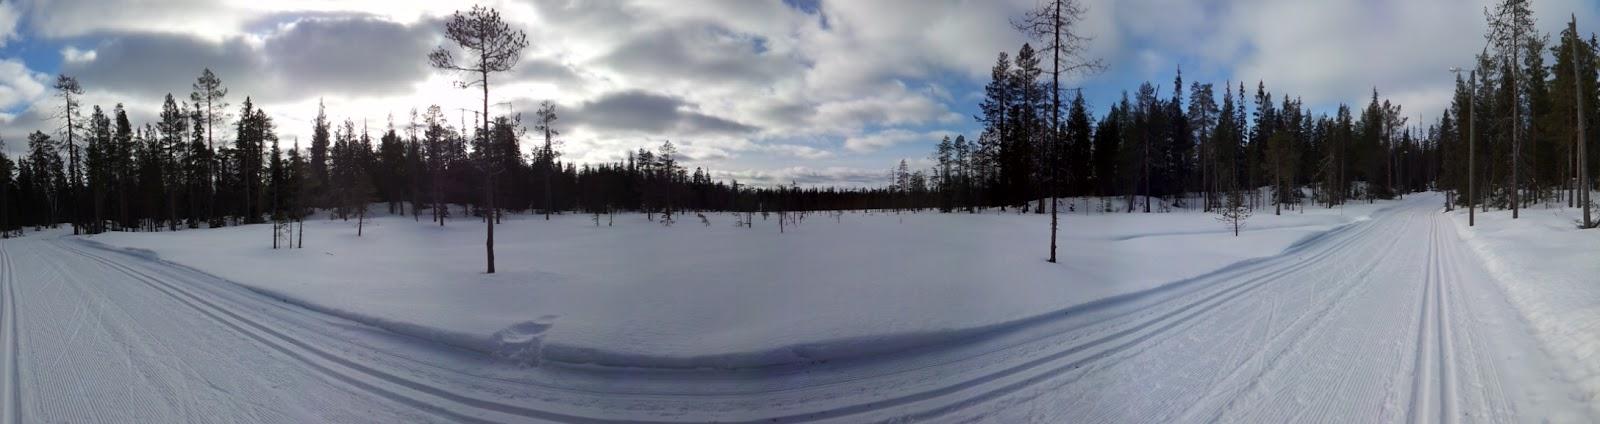 Panoramafoto tijdens het langlaufen